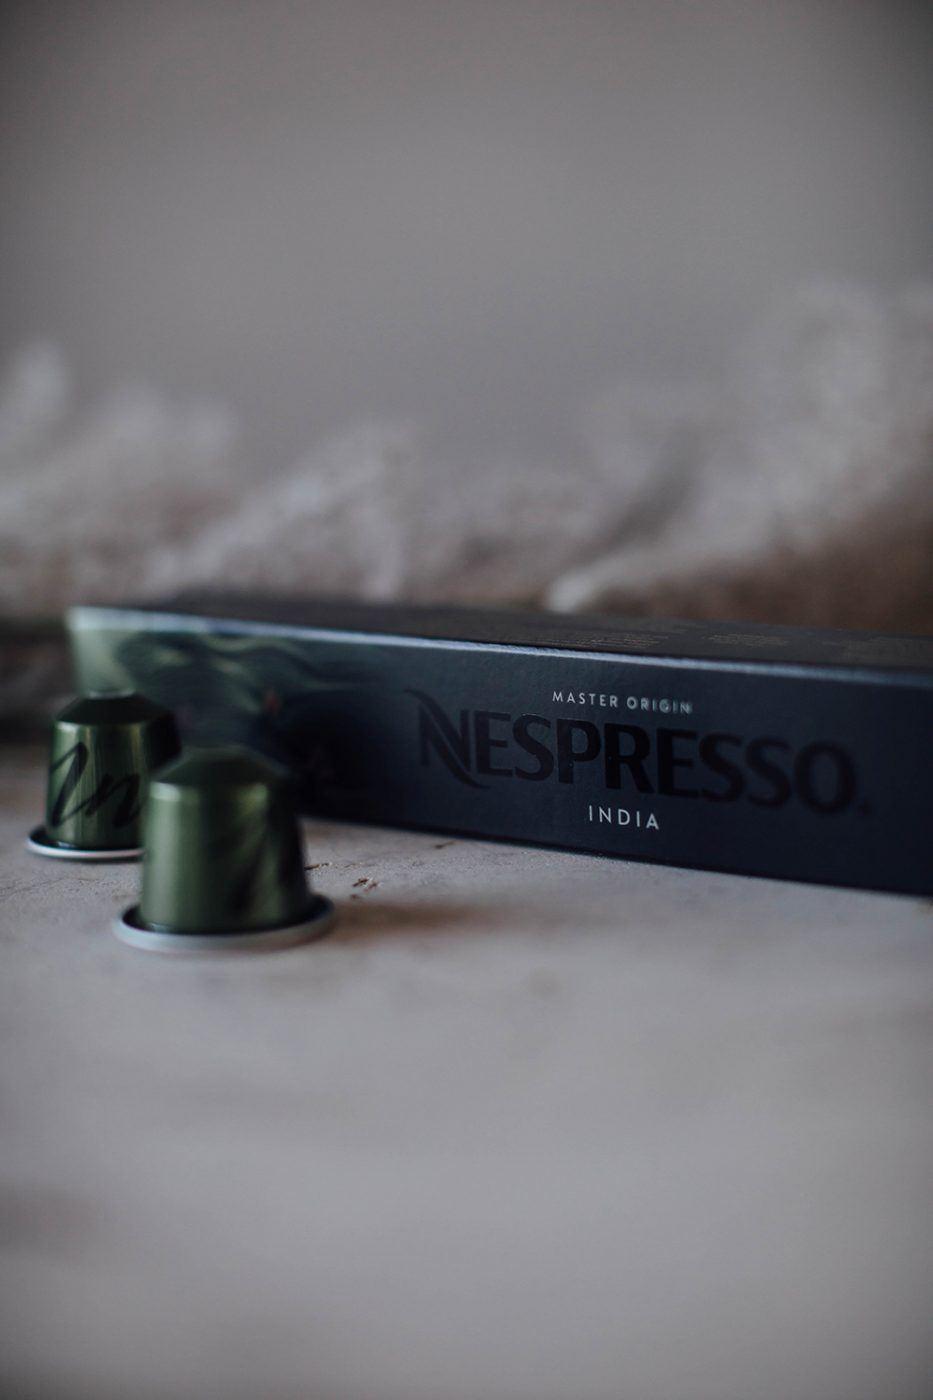 Nespresso Master origin india capsules